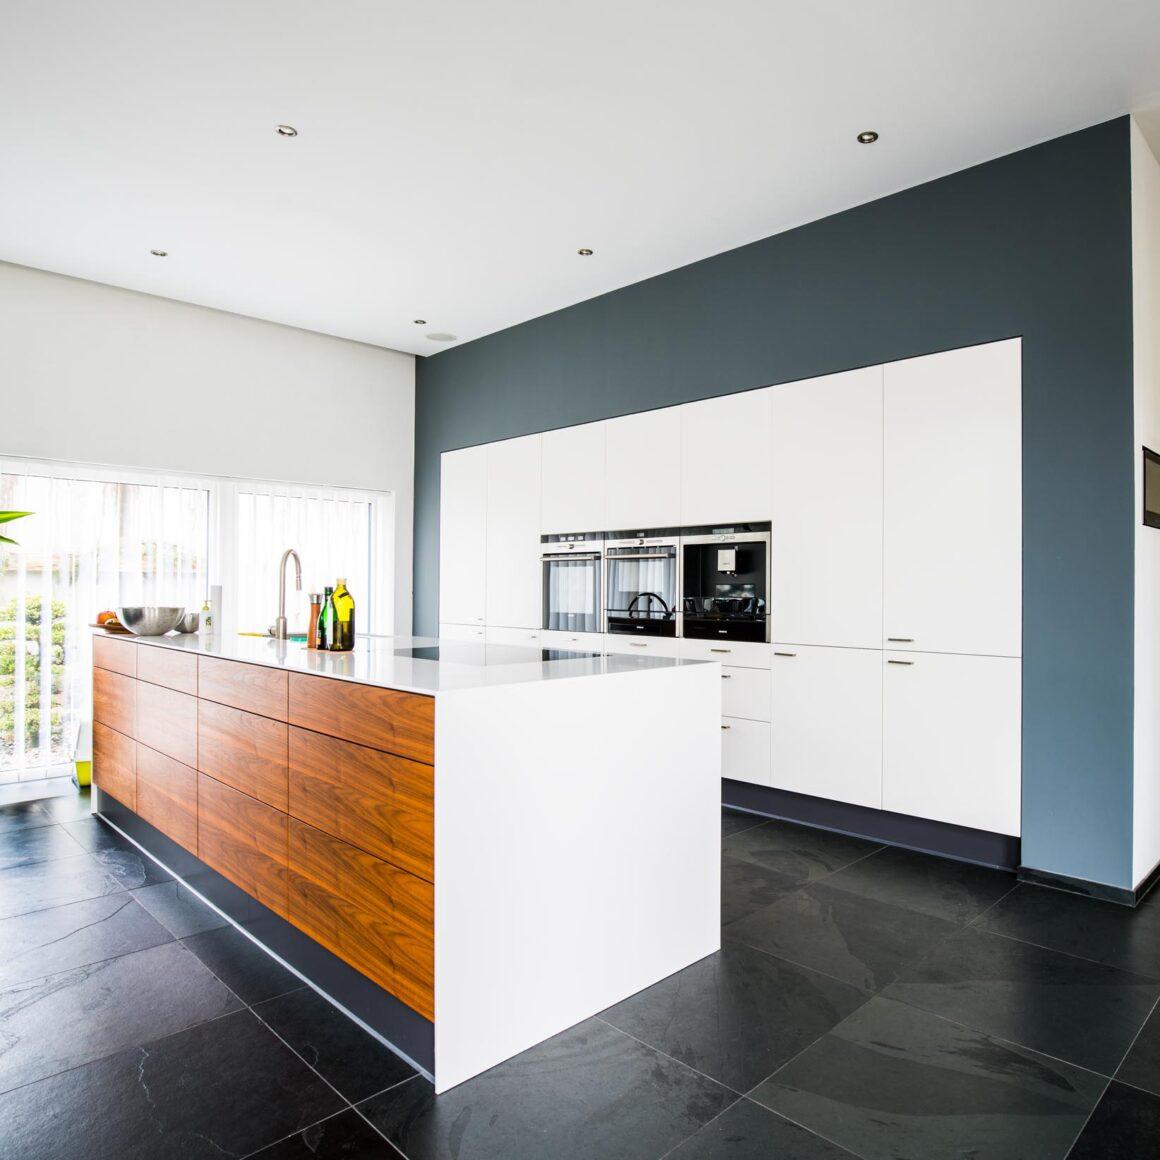 küche_einfamilienhaus_01